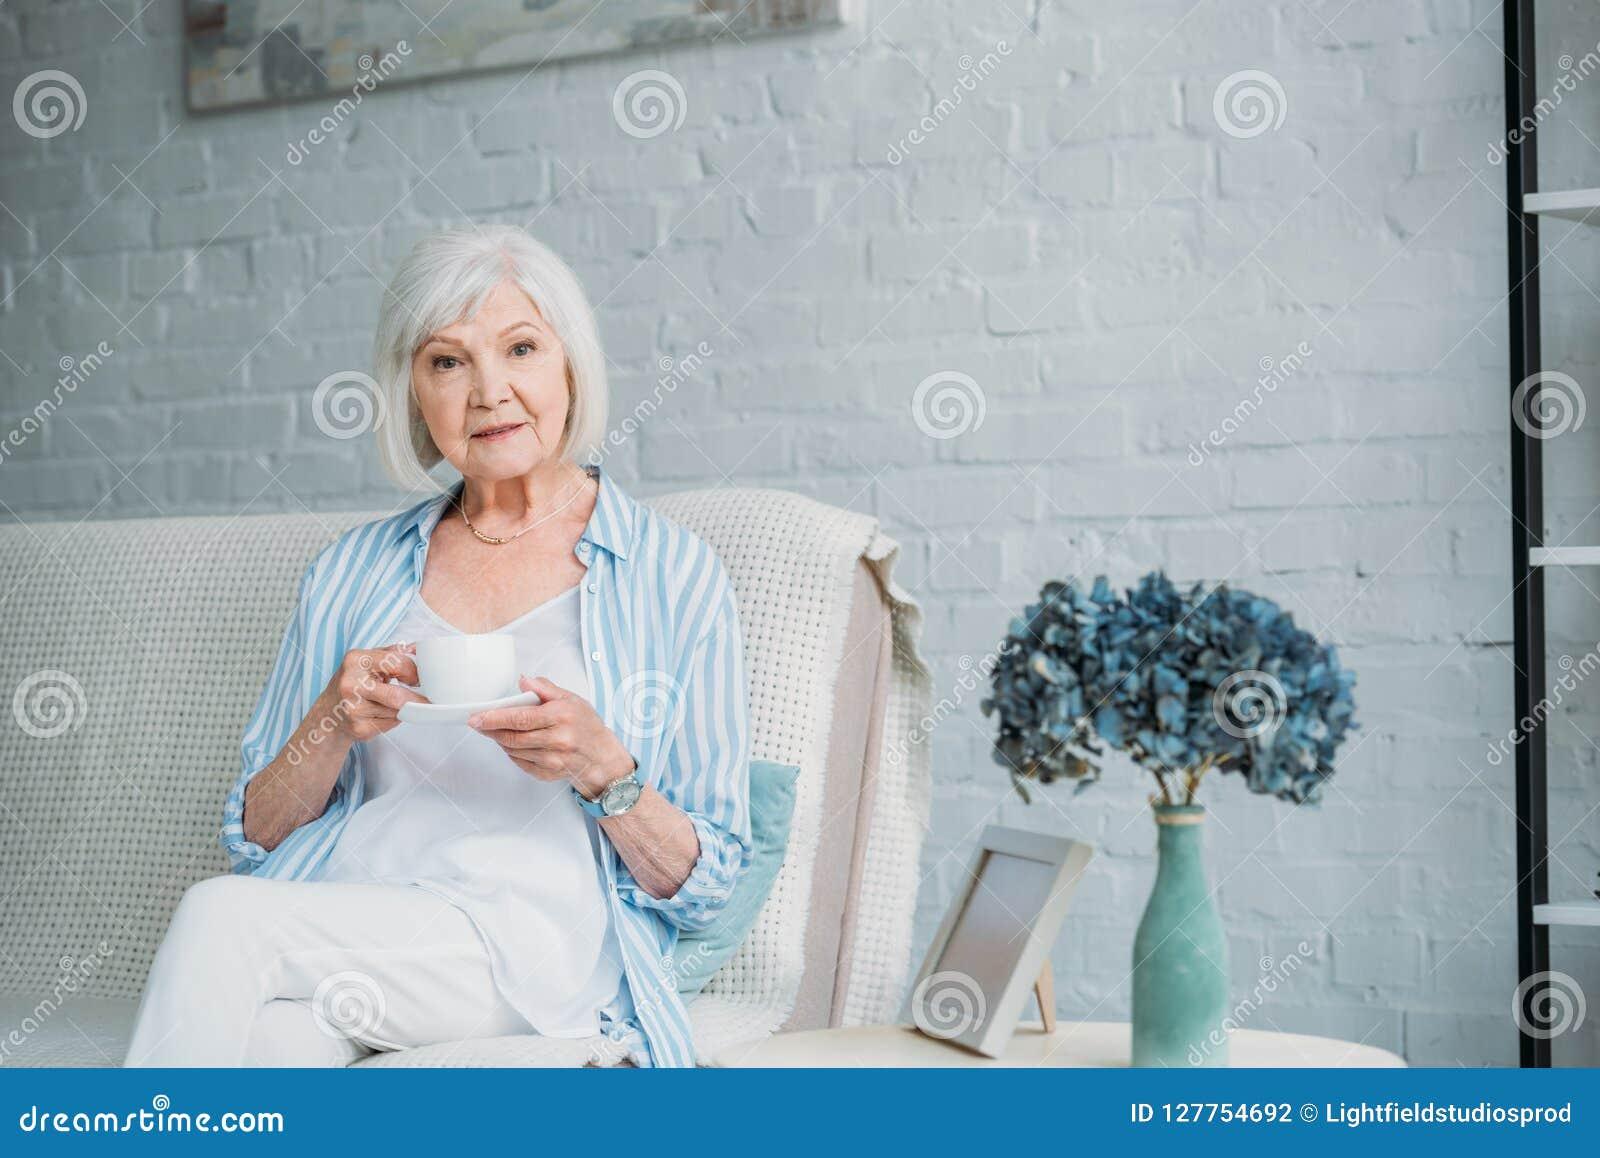 Starsza kobieta z filiżanką aromatyczny kawowy odpoczywać na kanapie